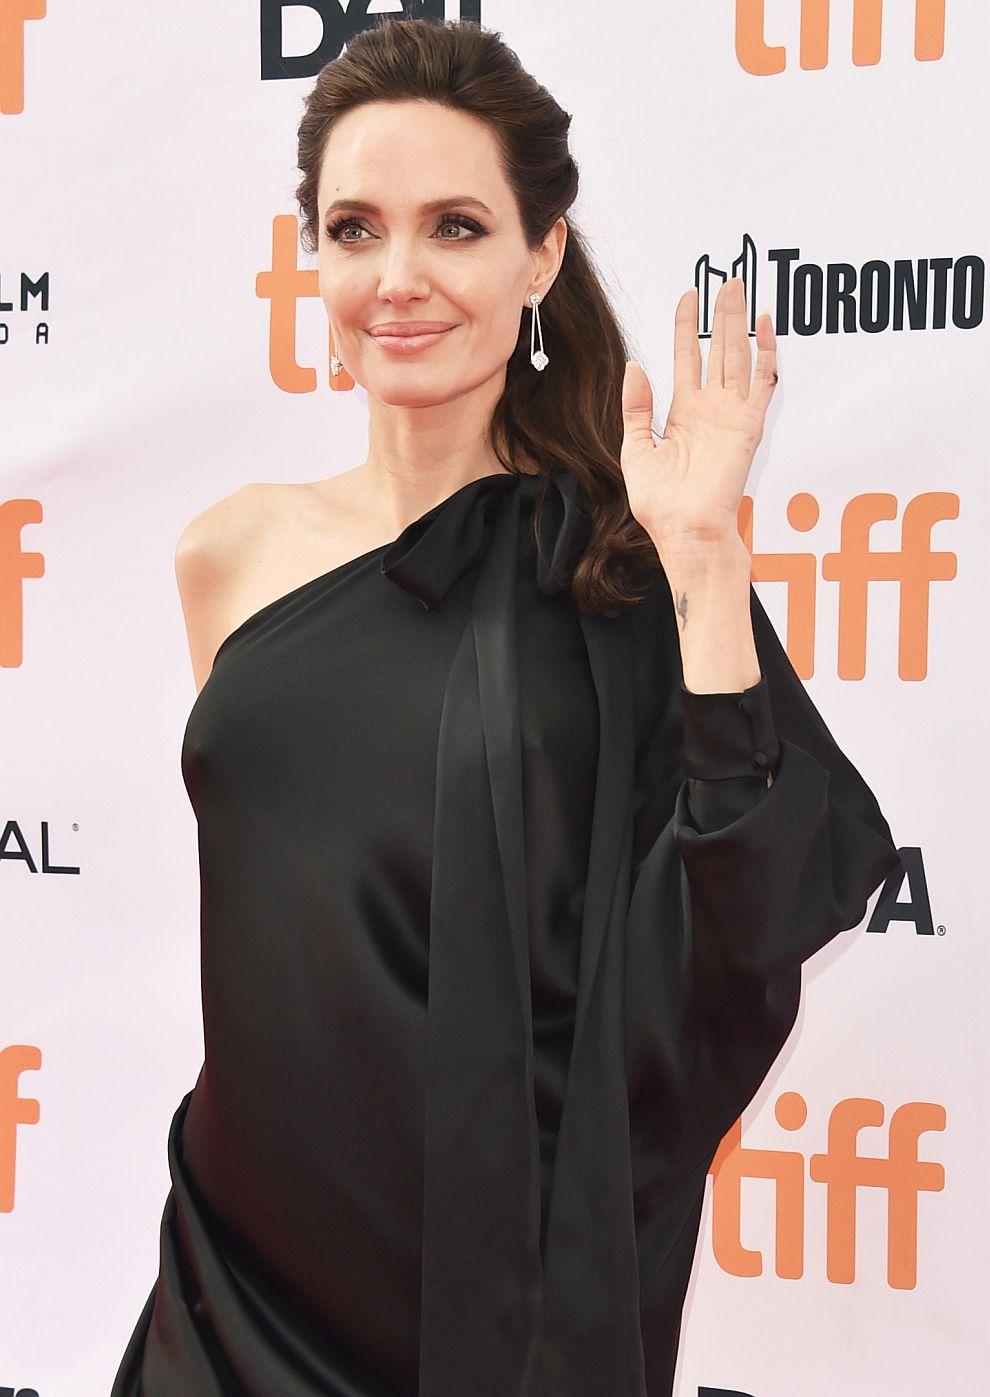 Анджелина Джоли в черна асиметрична рокля на Ralph & Russo на премиерата на Първо убиха баща ми на фестивала в Торонто